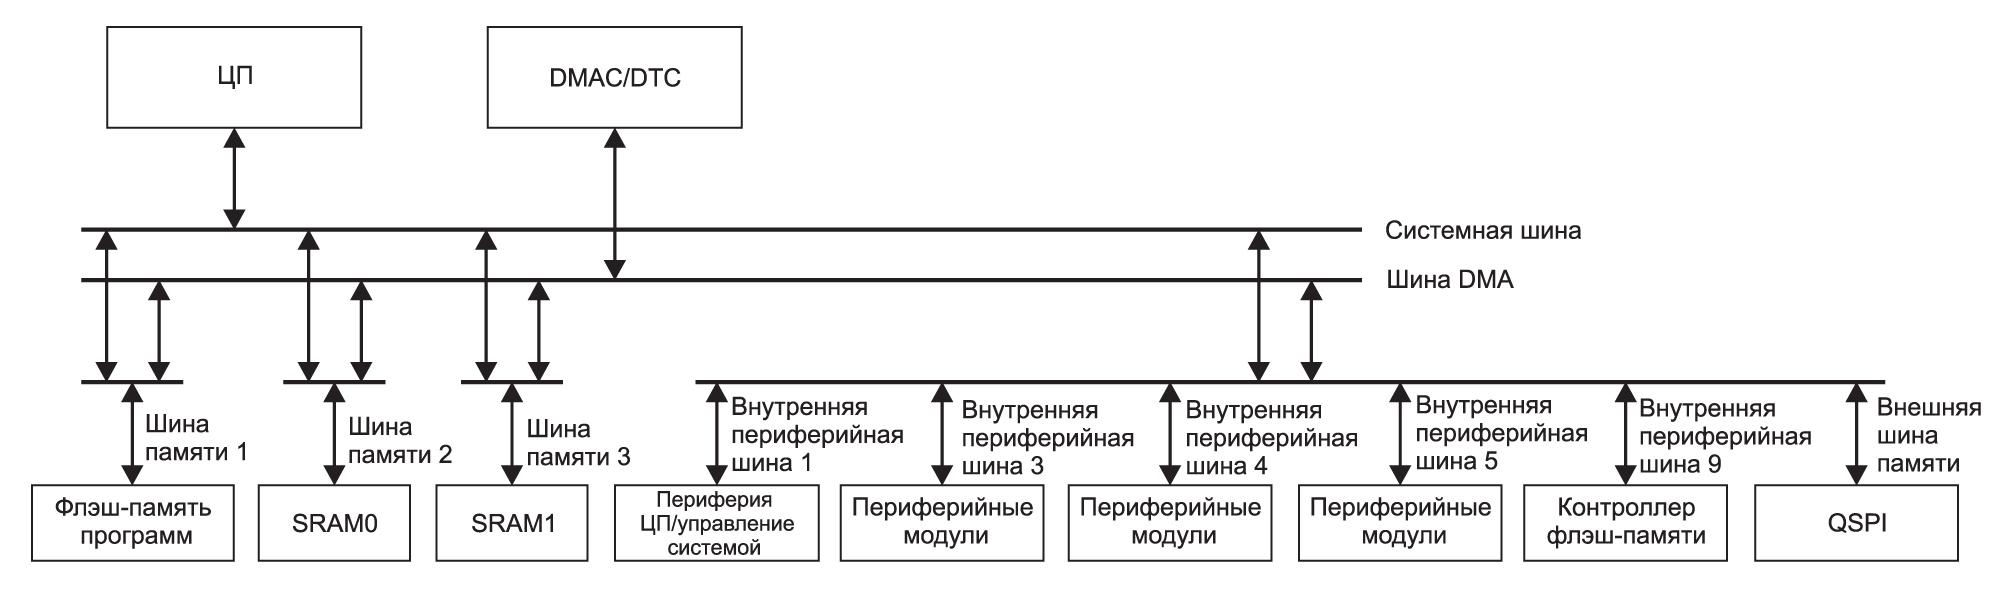 Организация шин микроконтроллера RE01